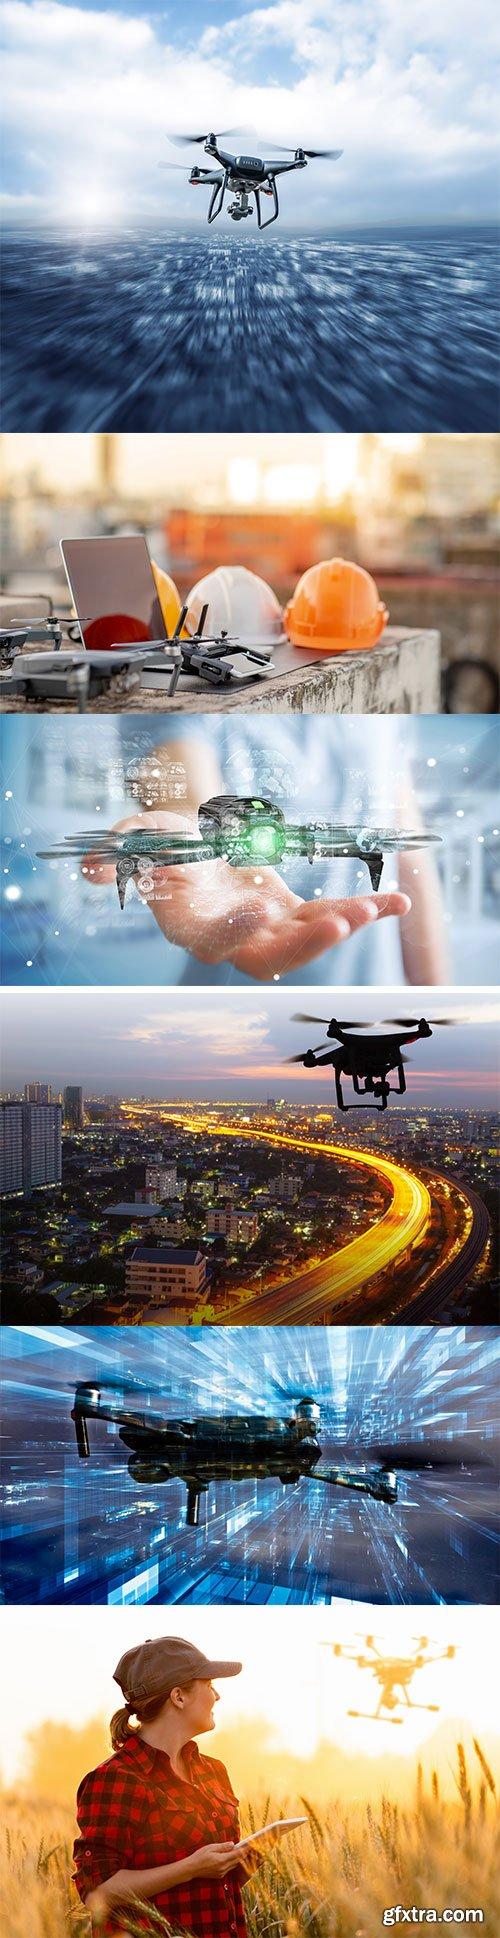 Photo - Drone - 14xJPGs